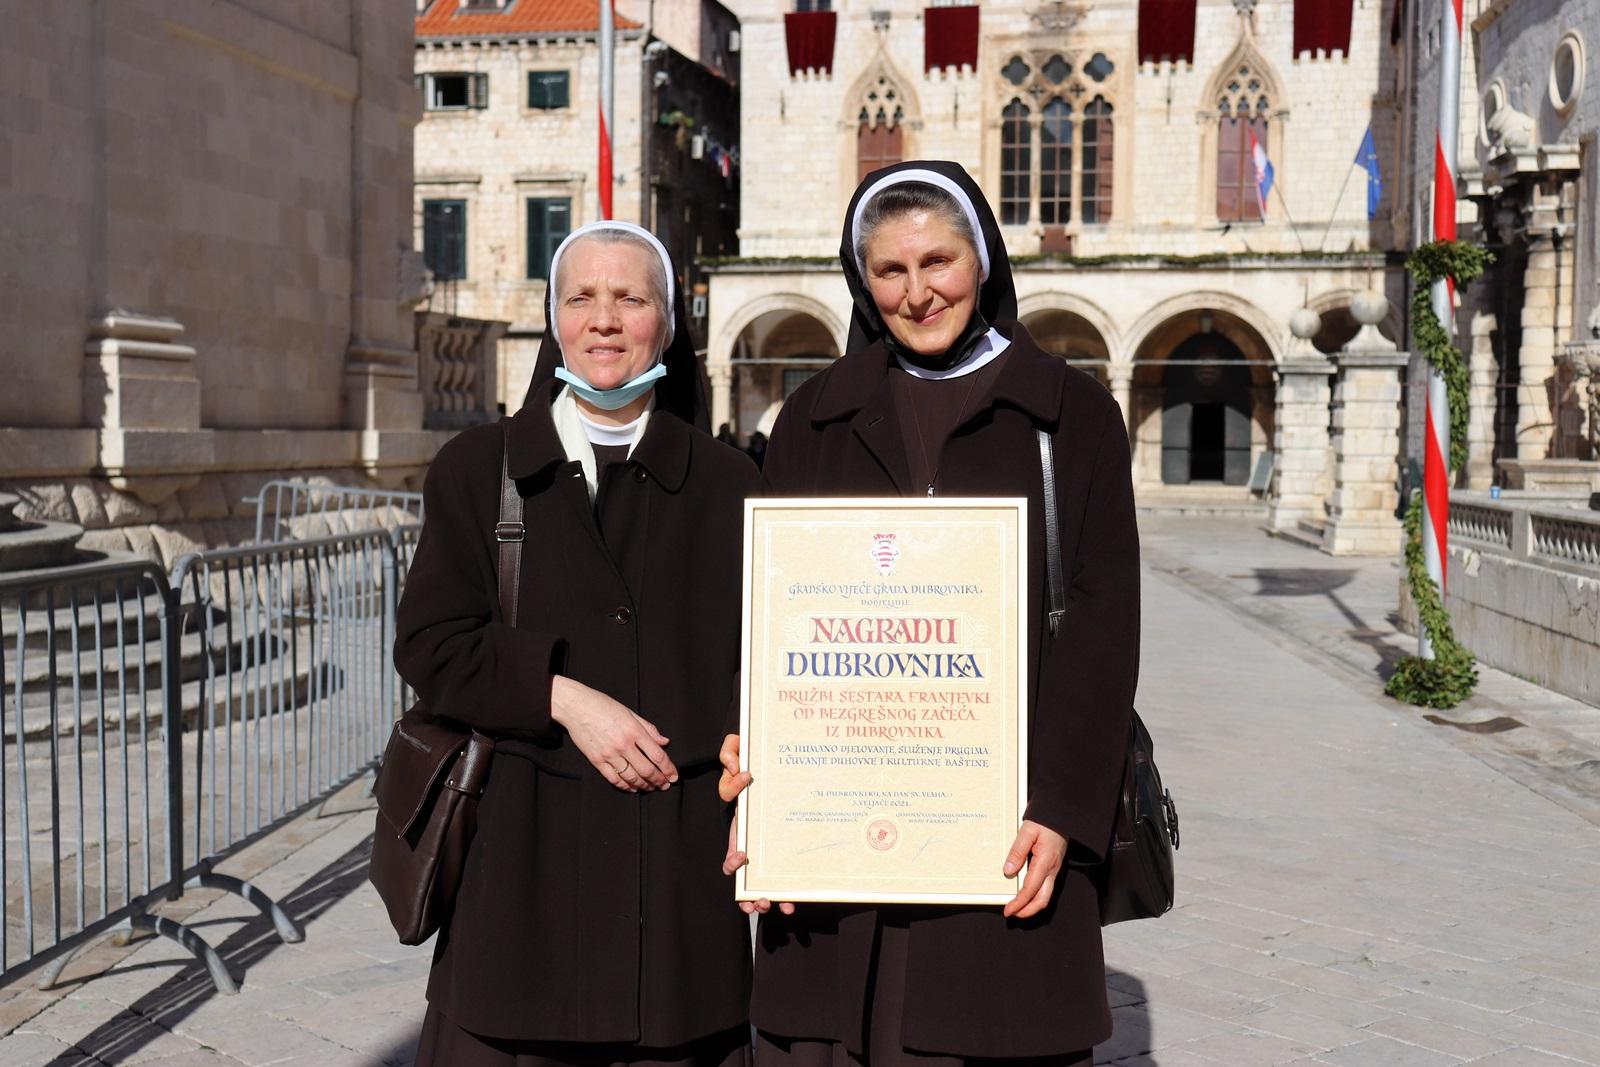 Uručena nagrada grada Dubrovnika našoj Družbi